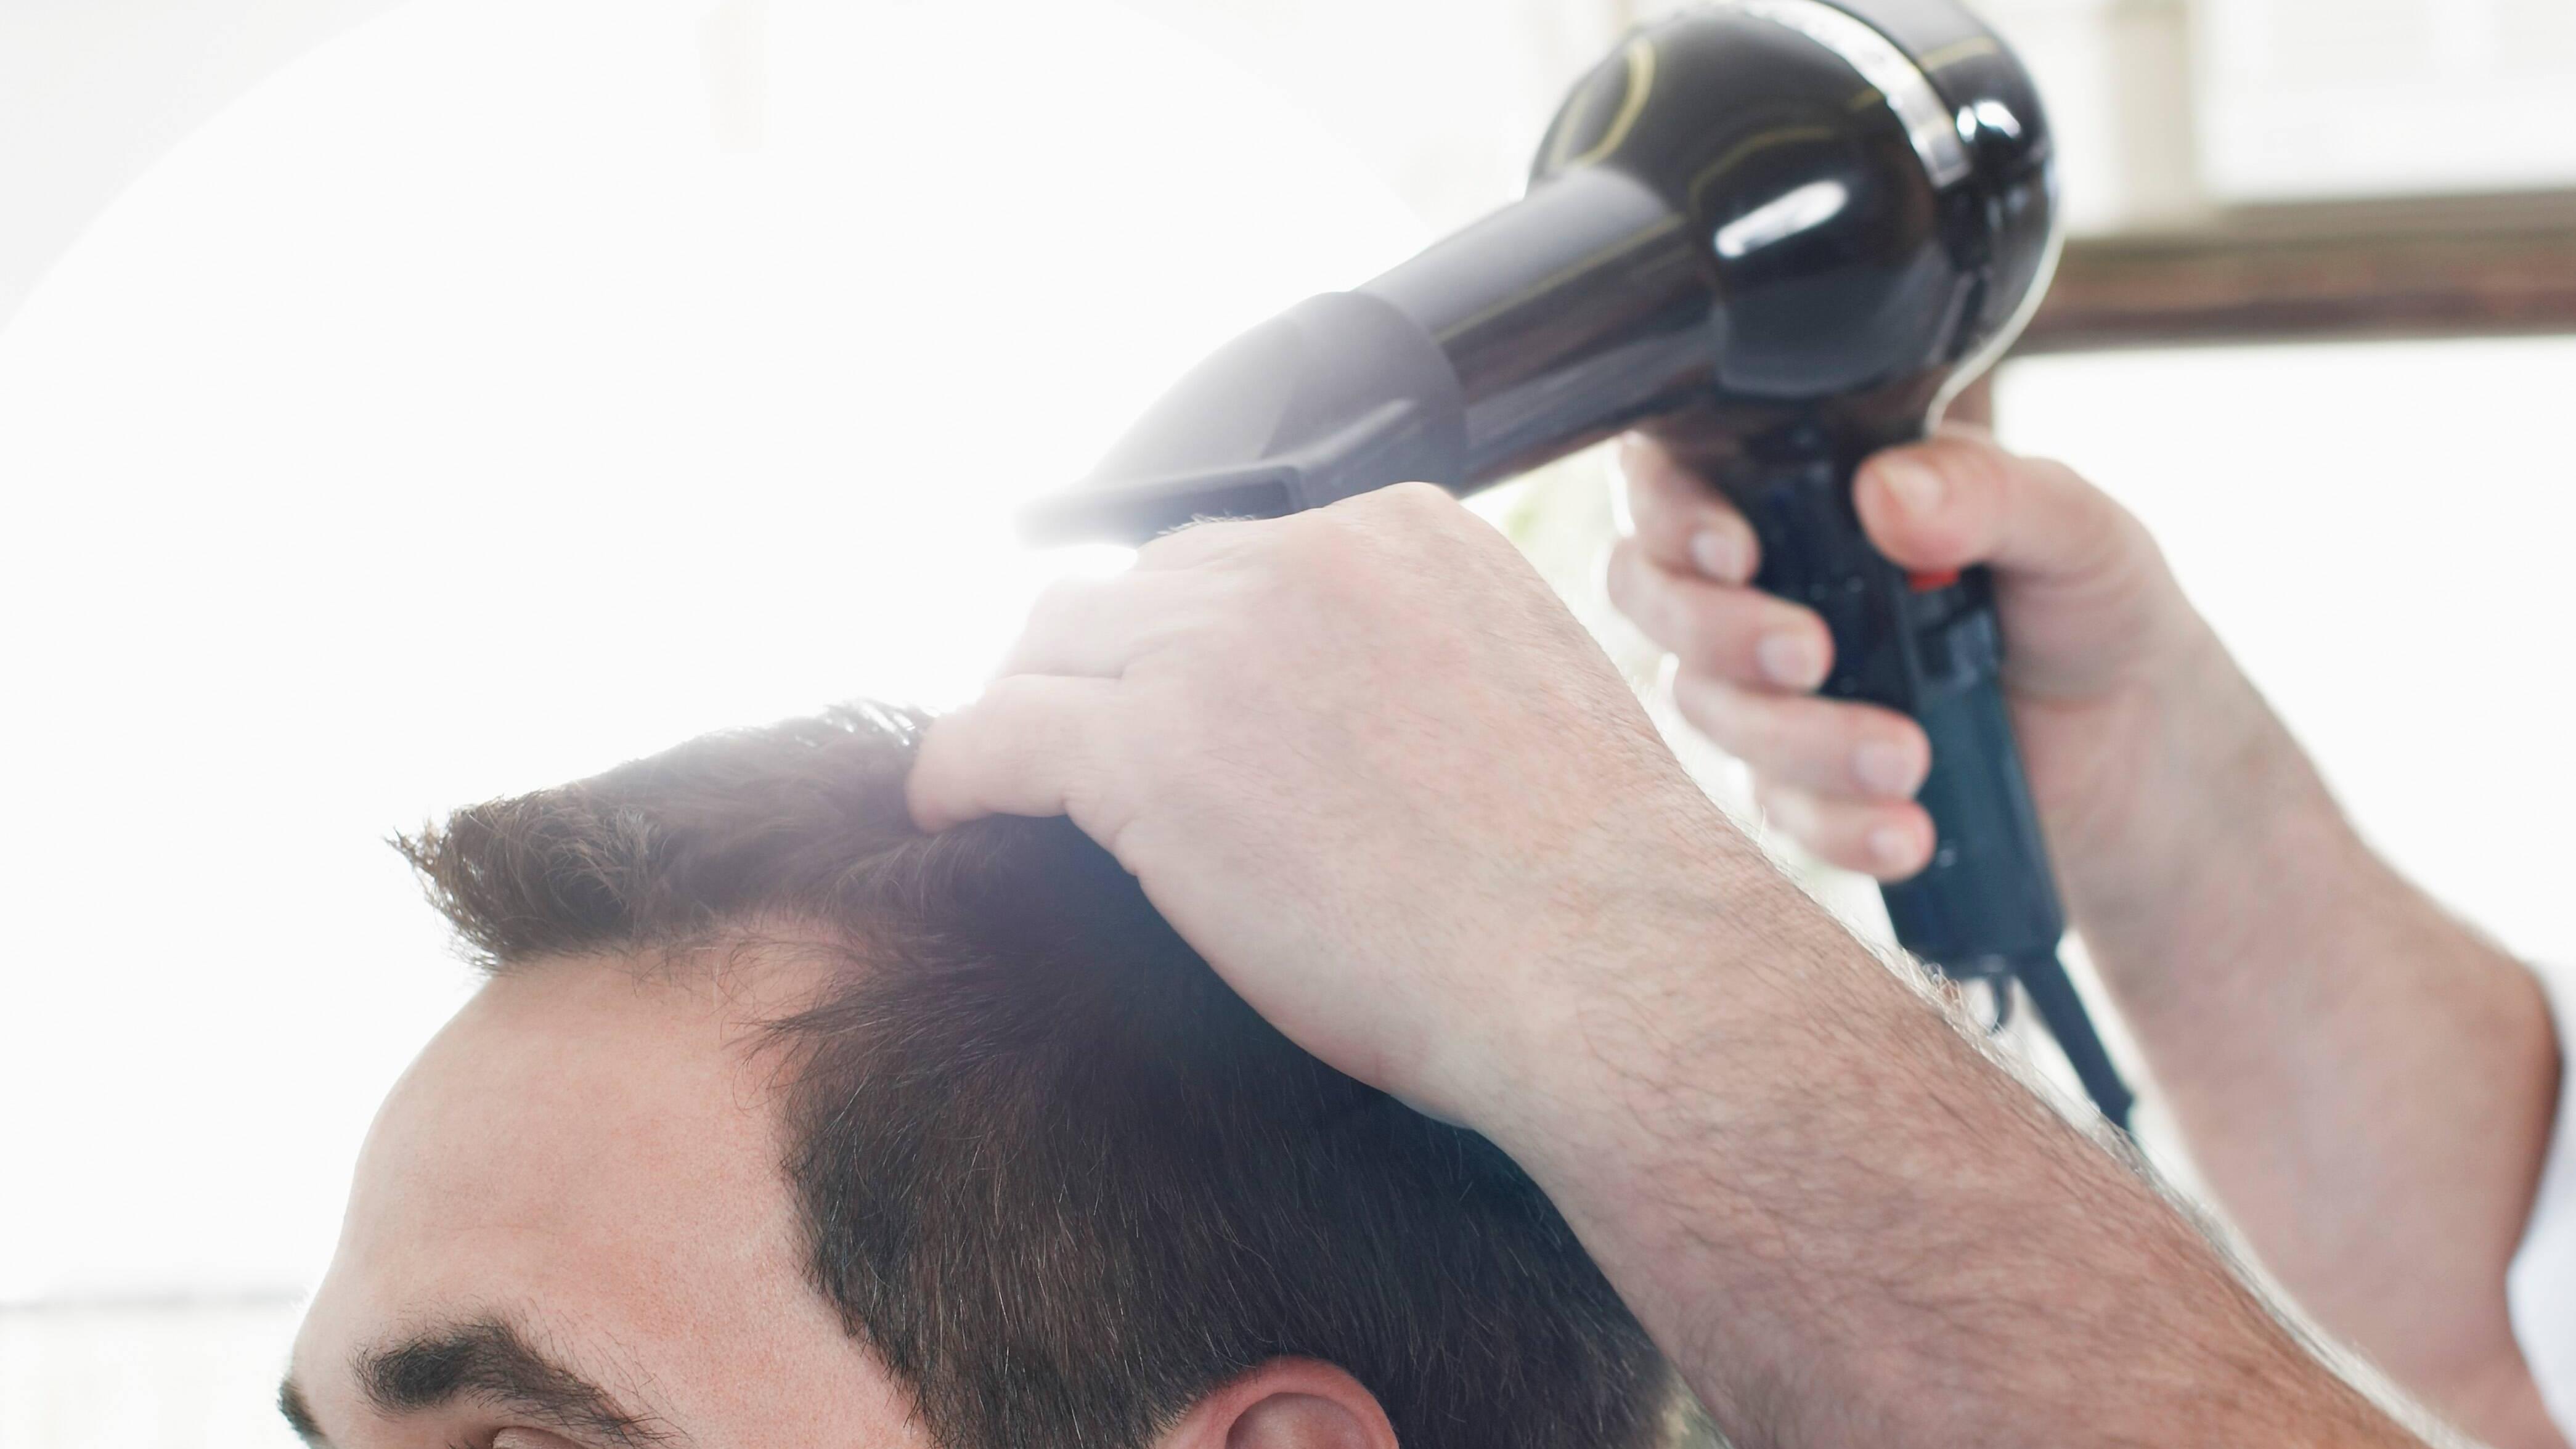 Männer sollten bei der Haarpflege auf milde Produkte setzen.